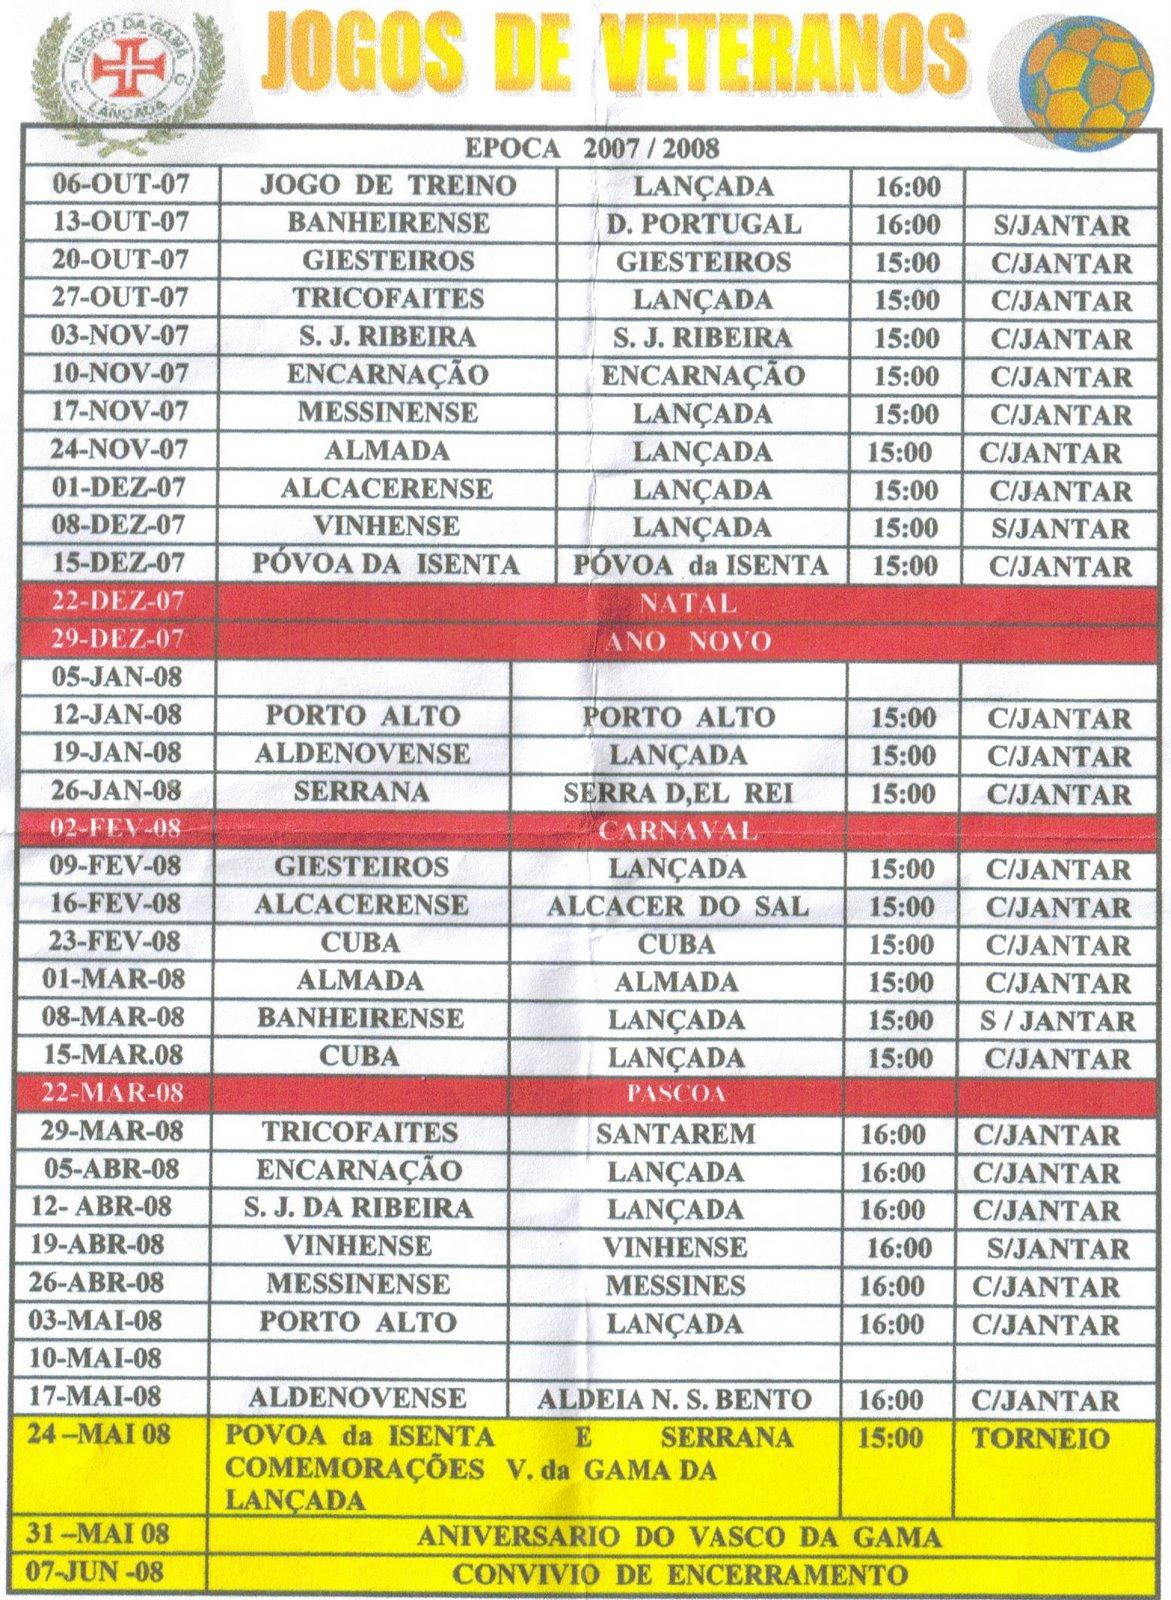 Calendário Veteranos 2007/2008